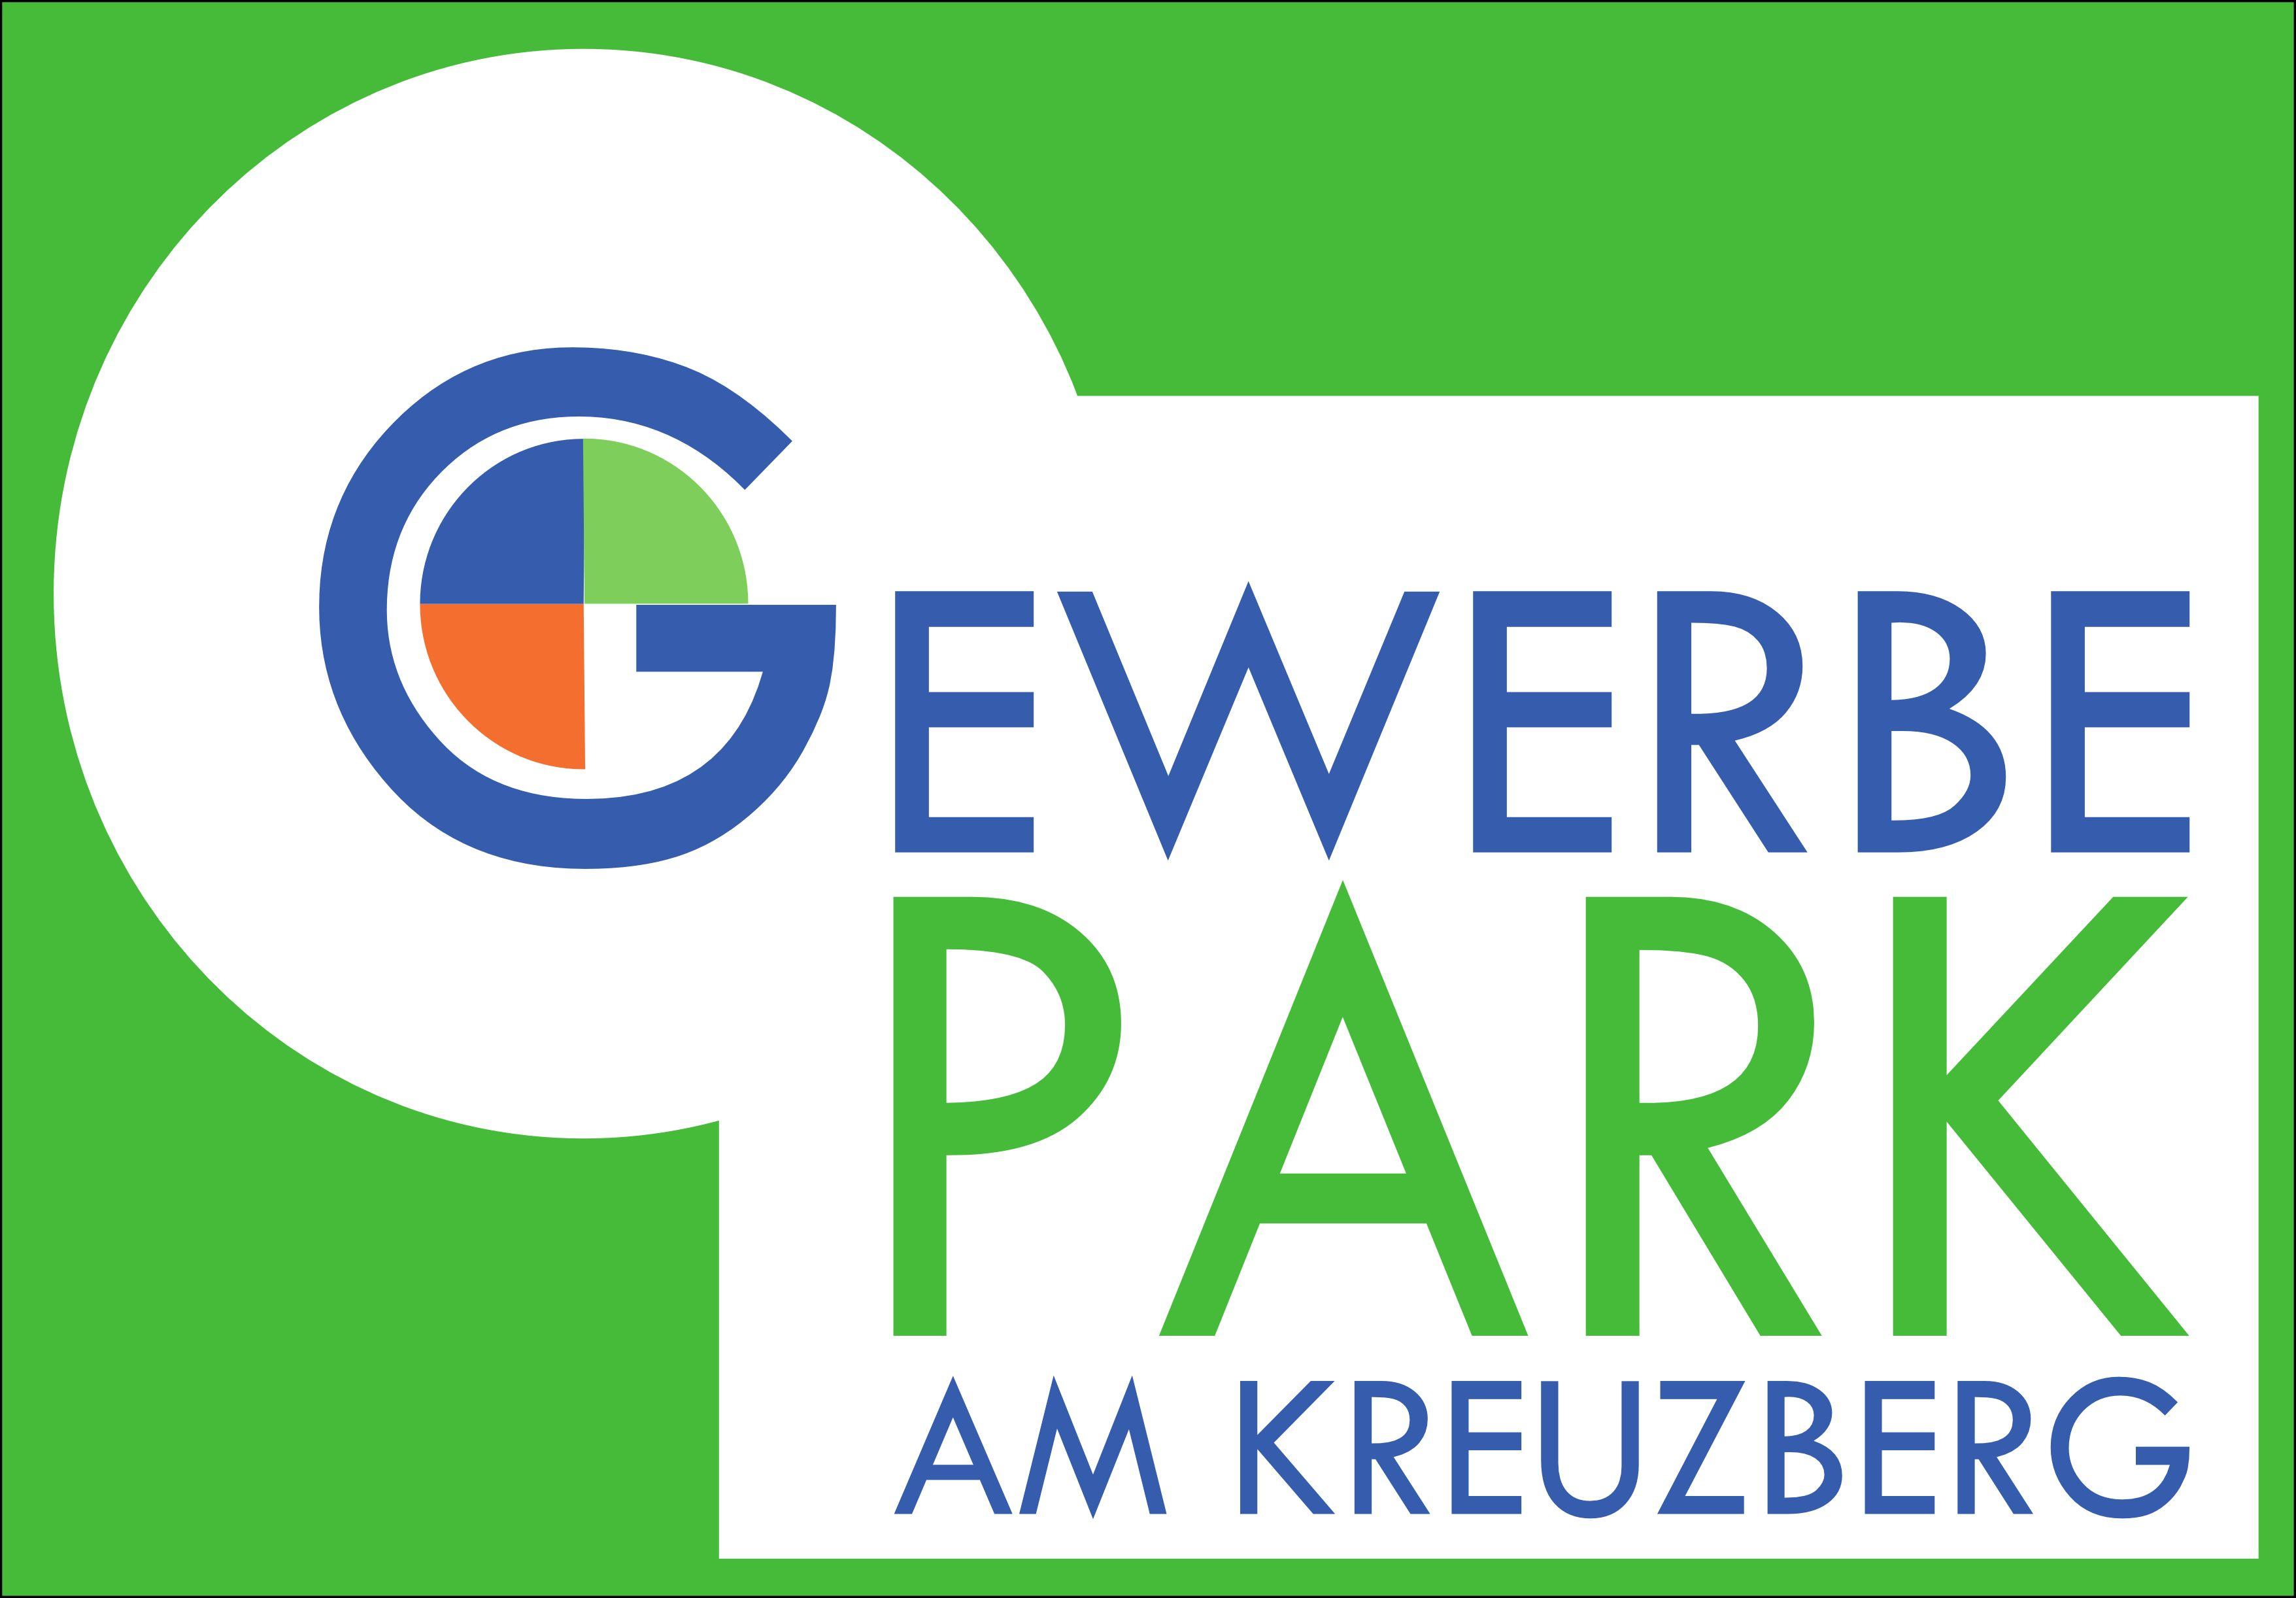 Vorschaubild Logo - Gewerbepark.png